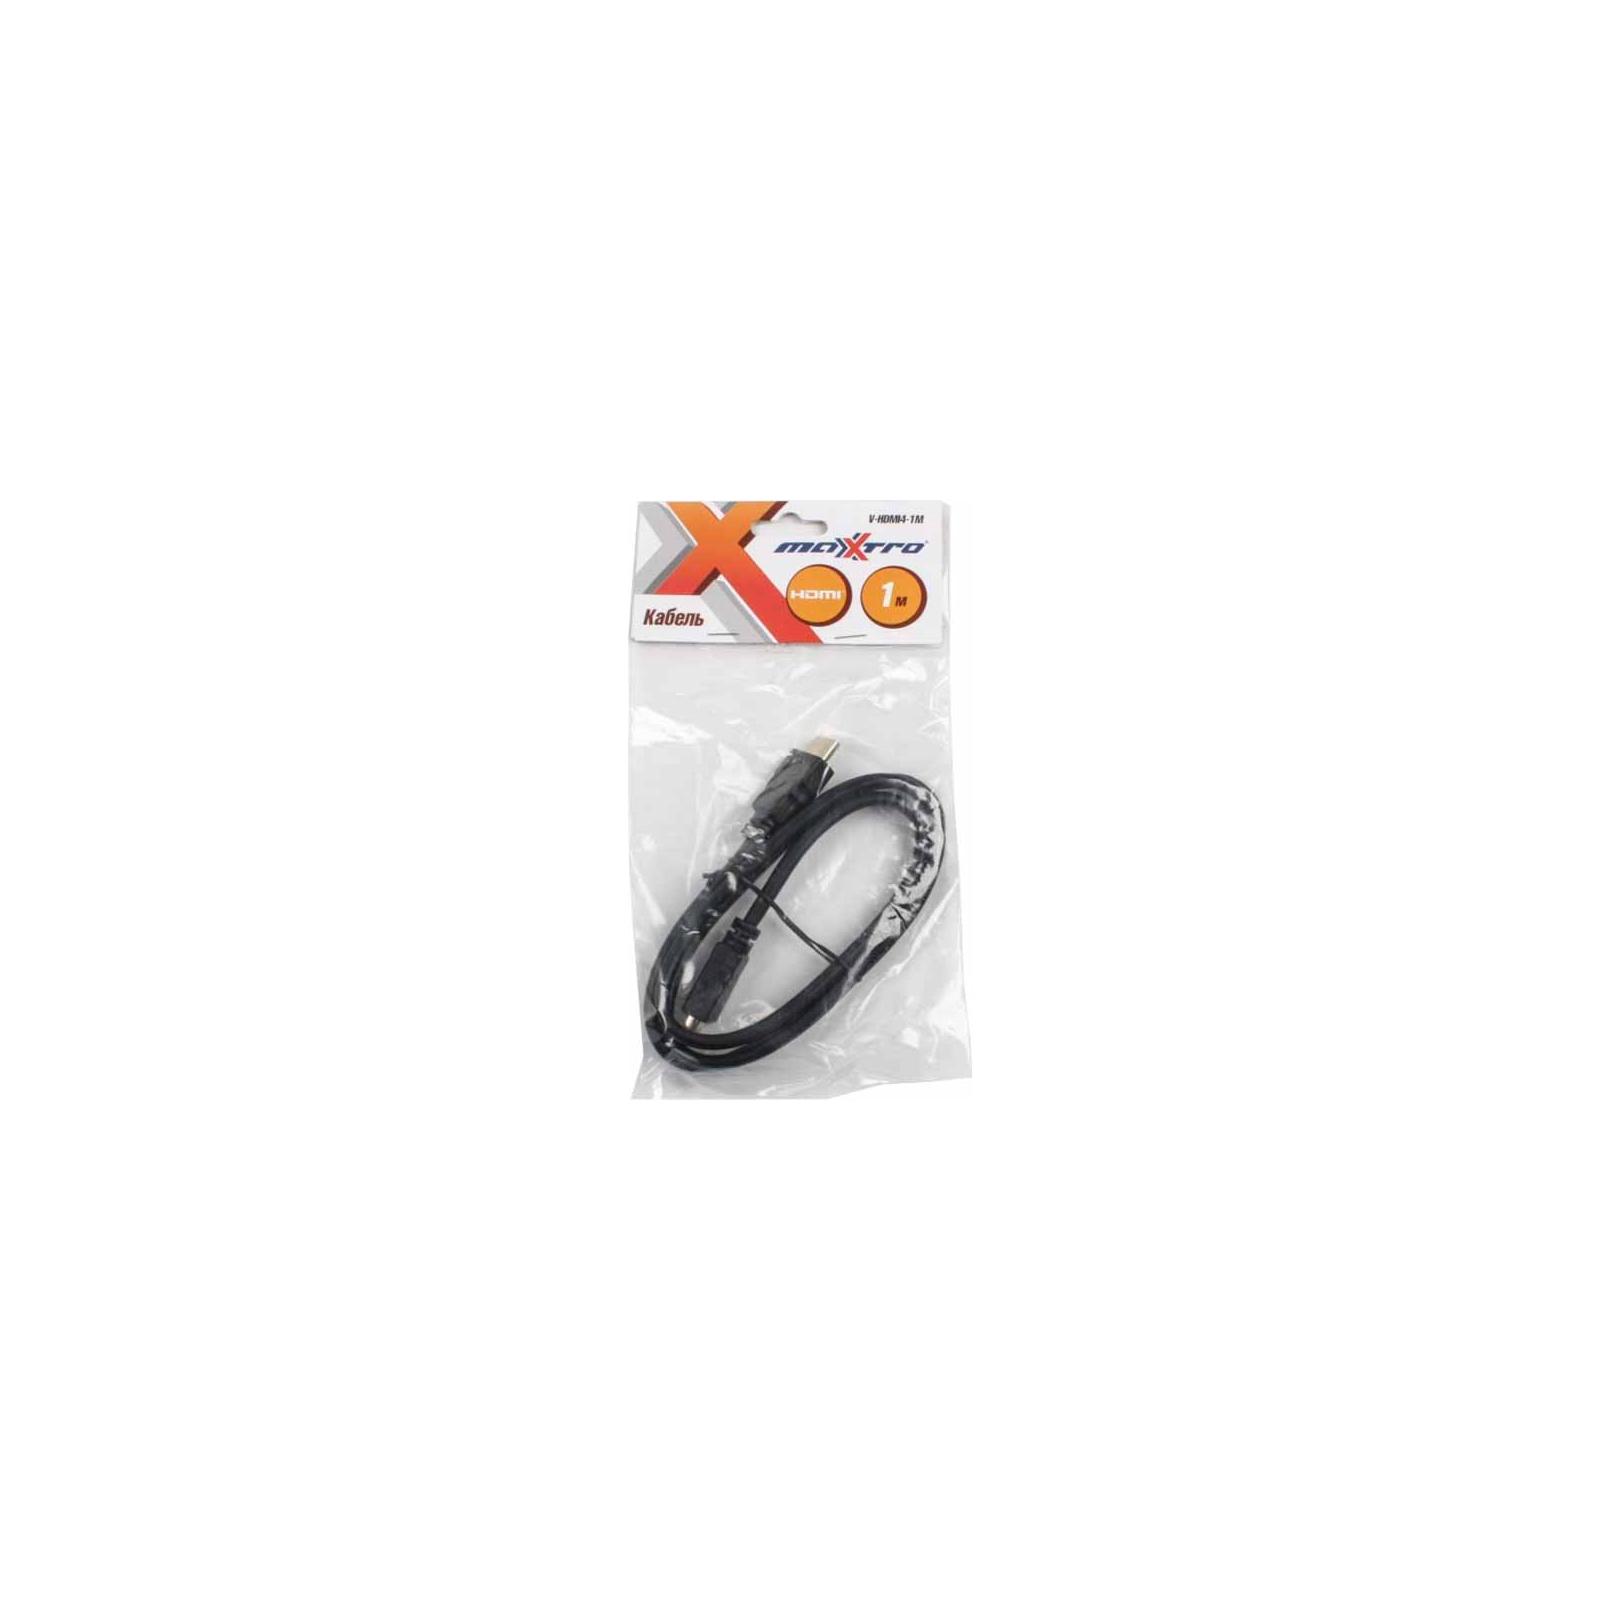 Кабель мультимедийный HDMI to HDMI 1.0m Maxxter (V-HDMI4-1M) изображение 2